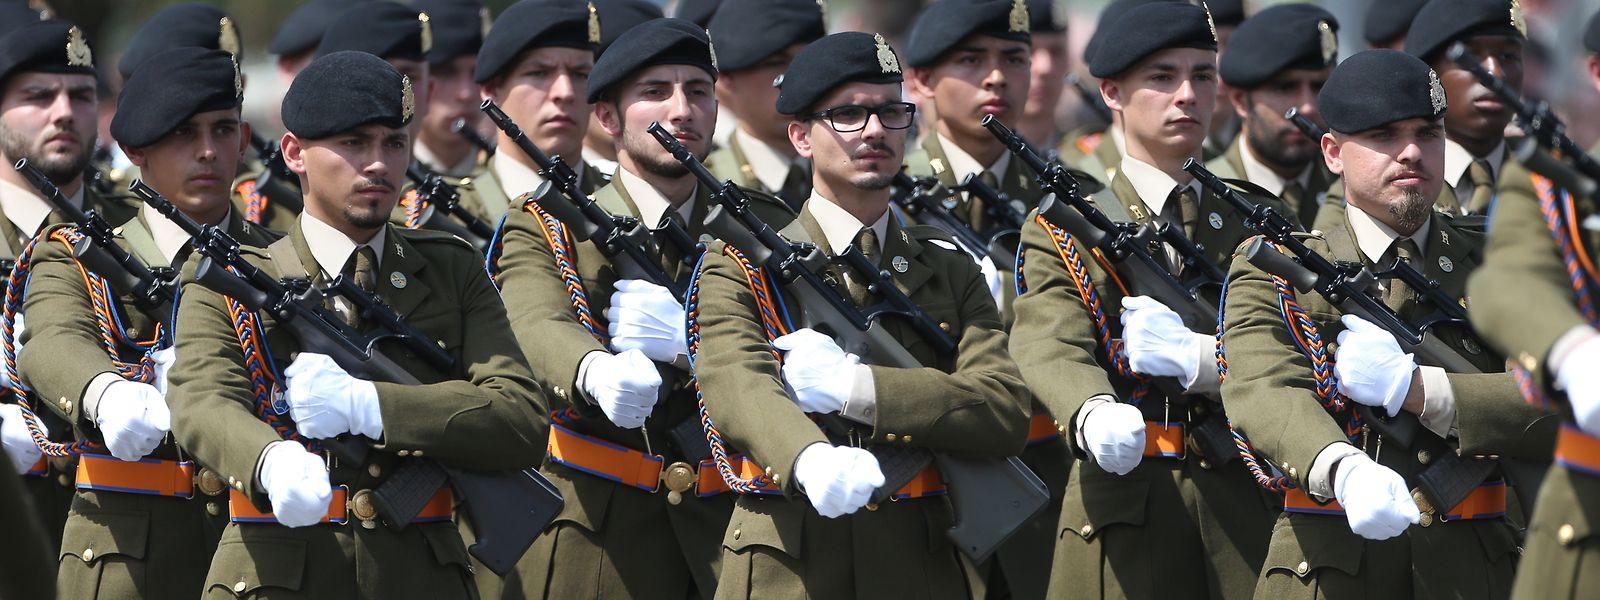 L'armée doit devenir plus attrayante : tel est le souhait du Syndicat professionnel de la force publique (SPFP).